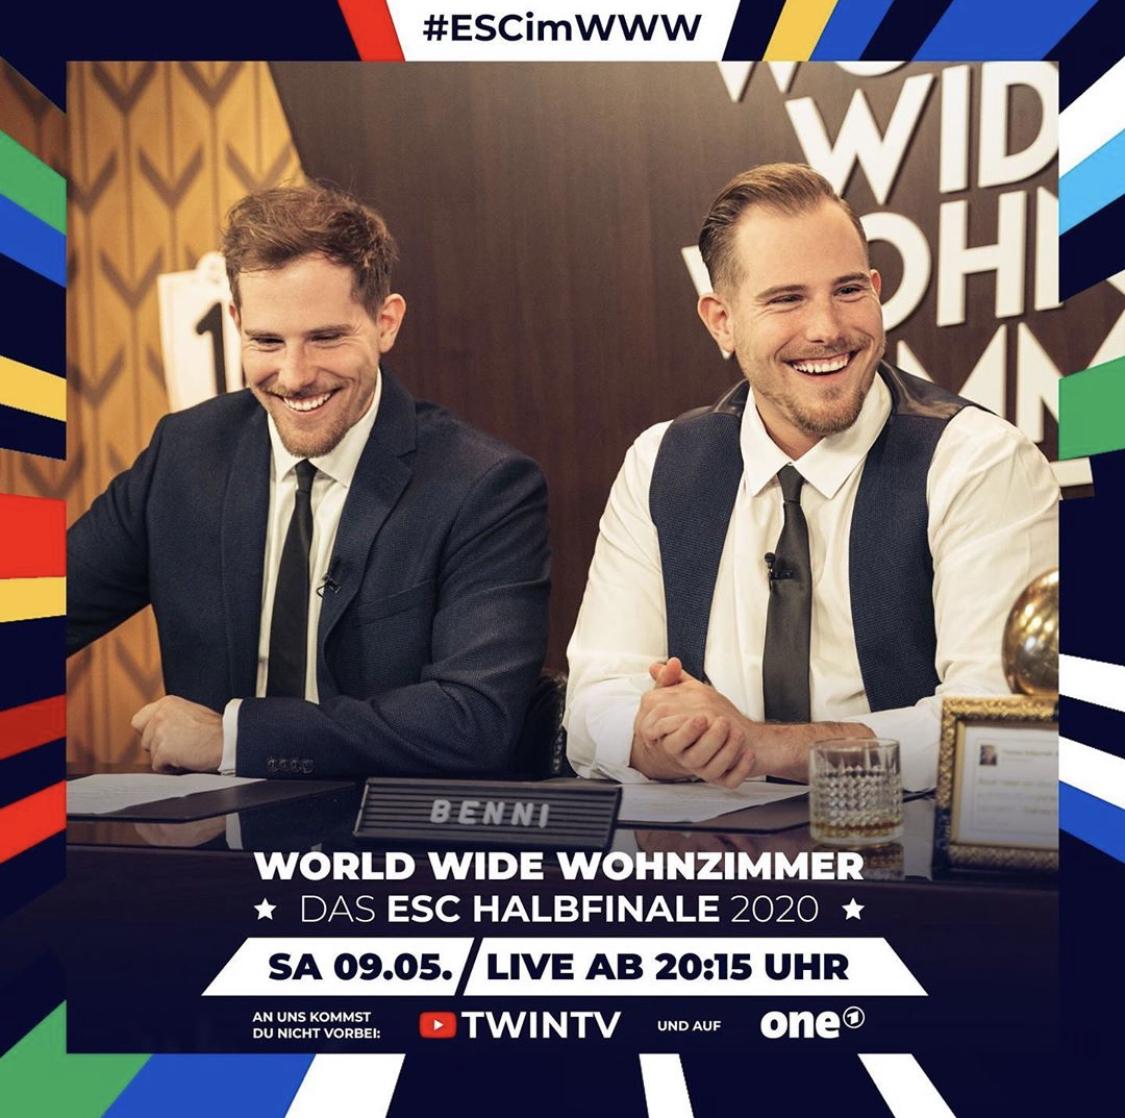 World Wide Wohnzimmer – das ESC Halbfinale 9: Abstimmung läuft